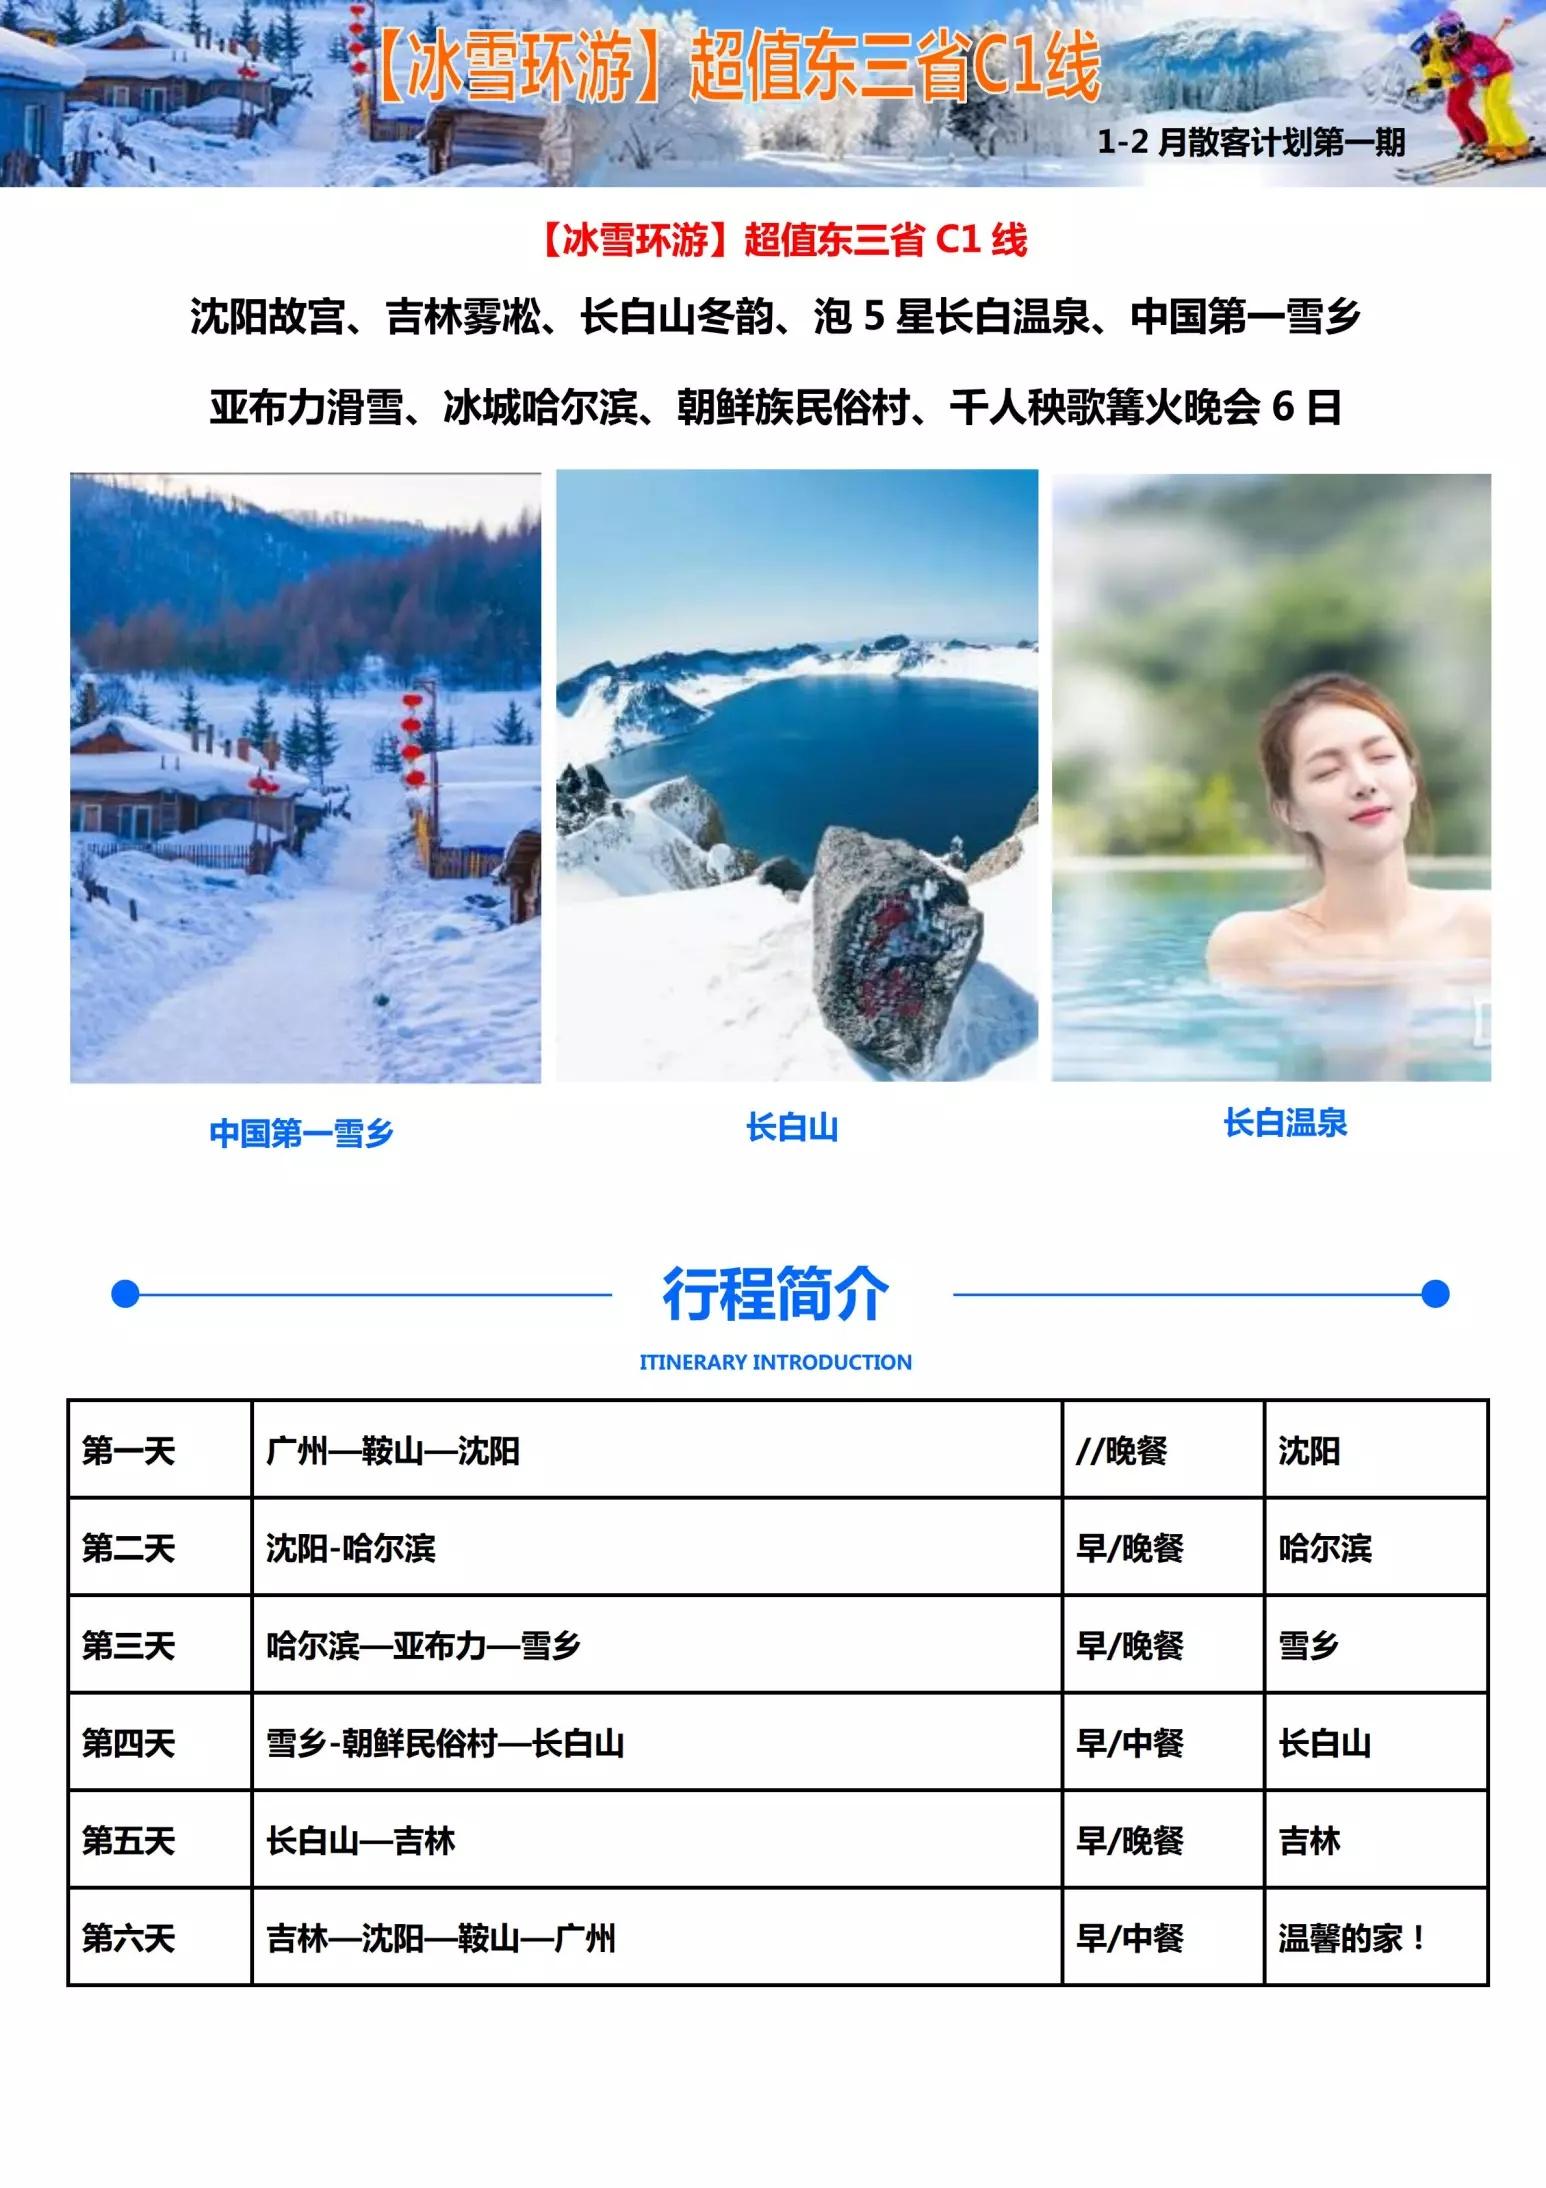 冰雪环游,超值东北三省双飞六日